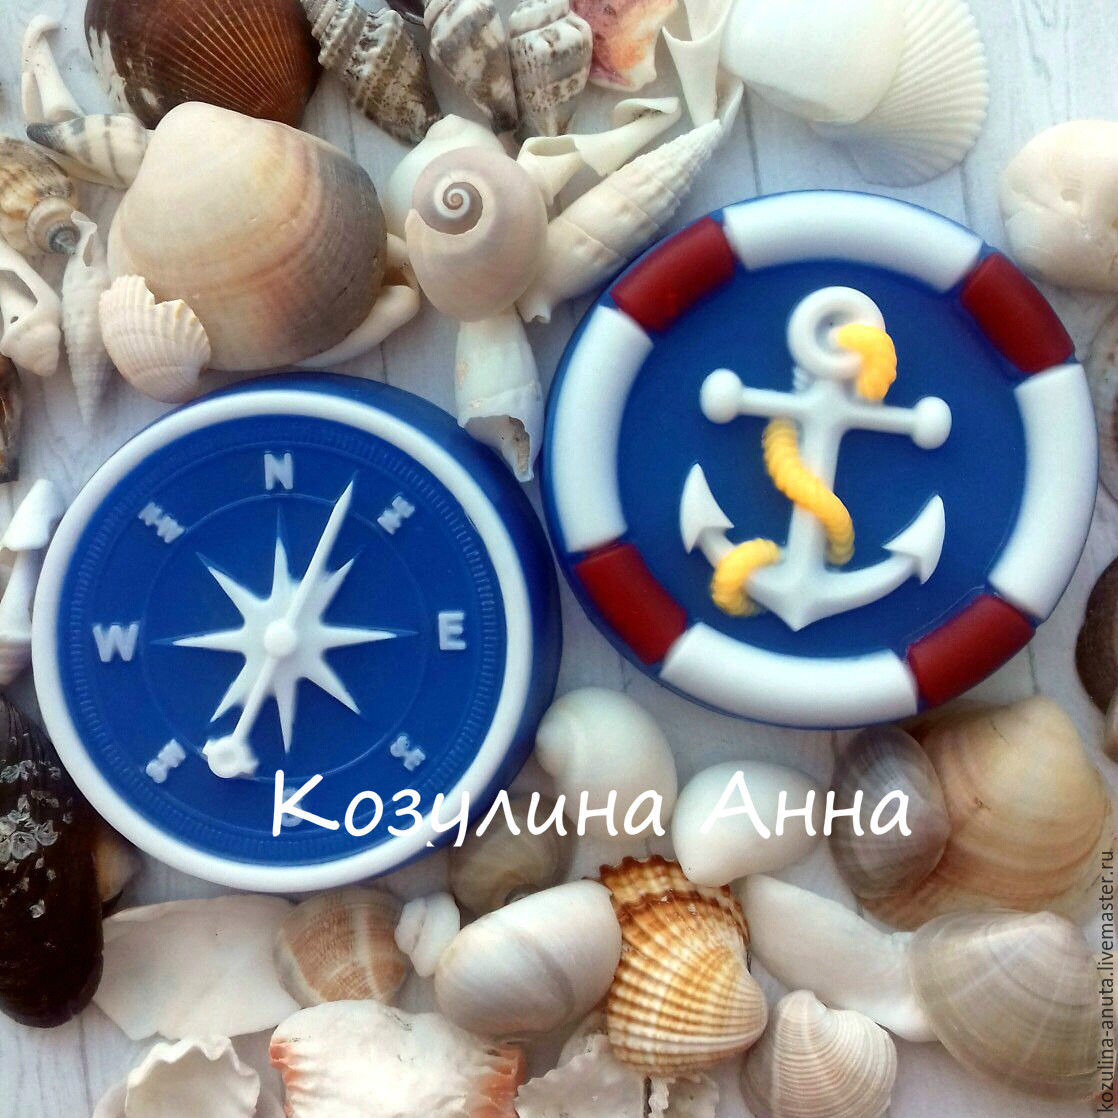 мыло для мужчин,компас,якорь,мыло морское